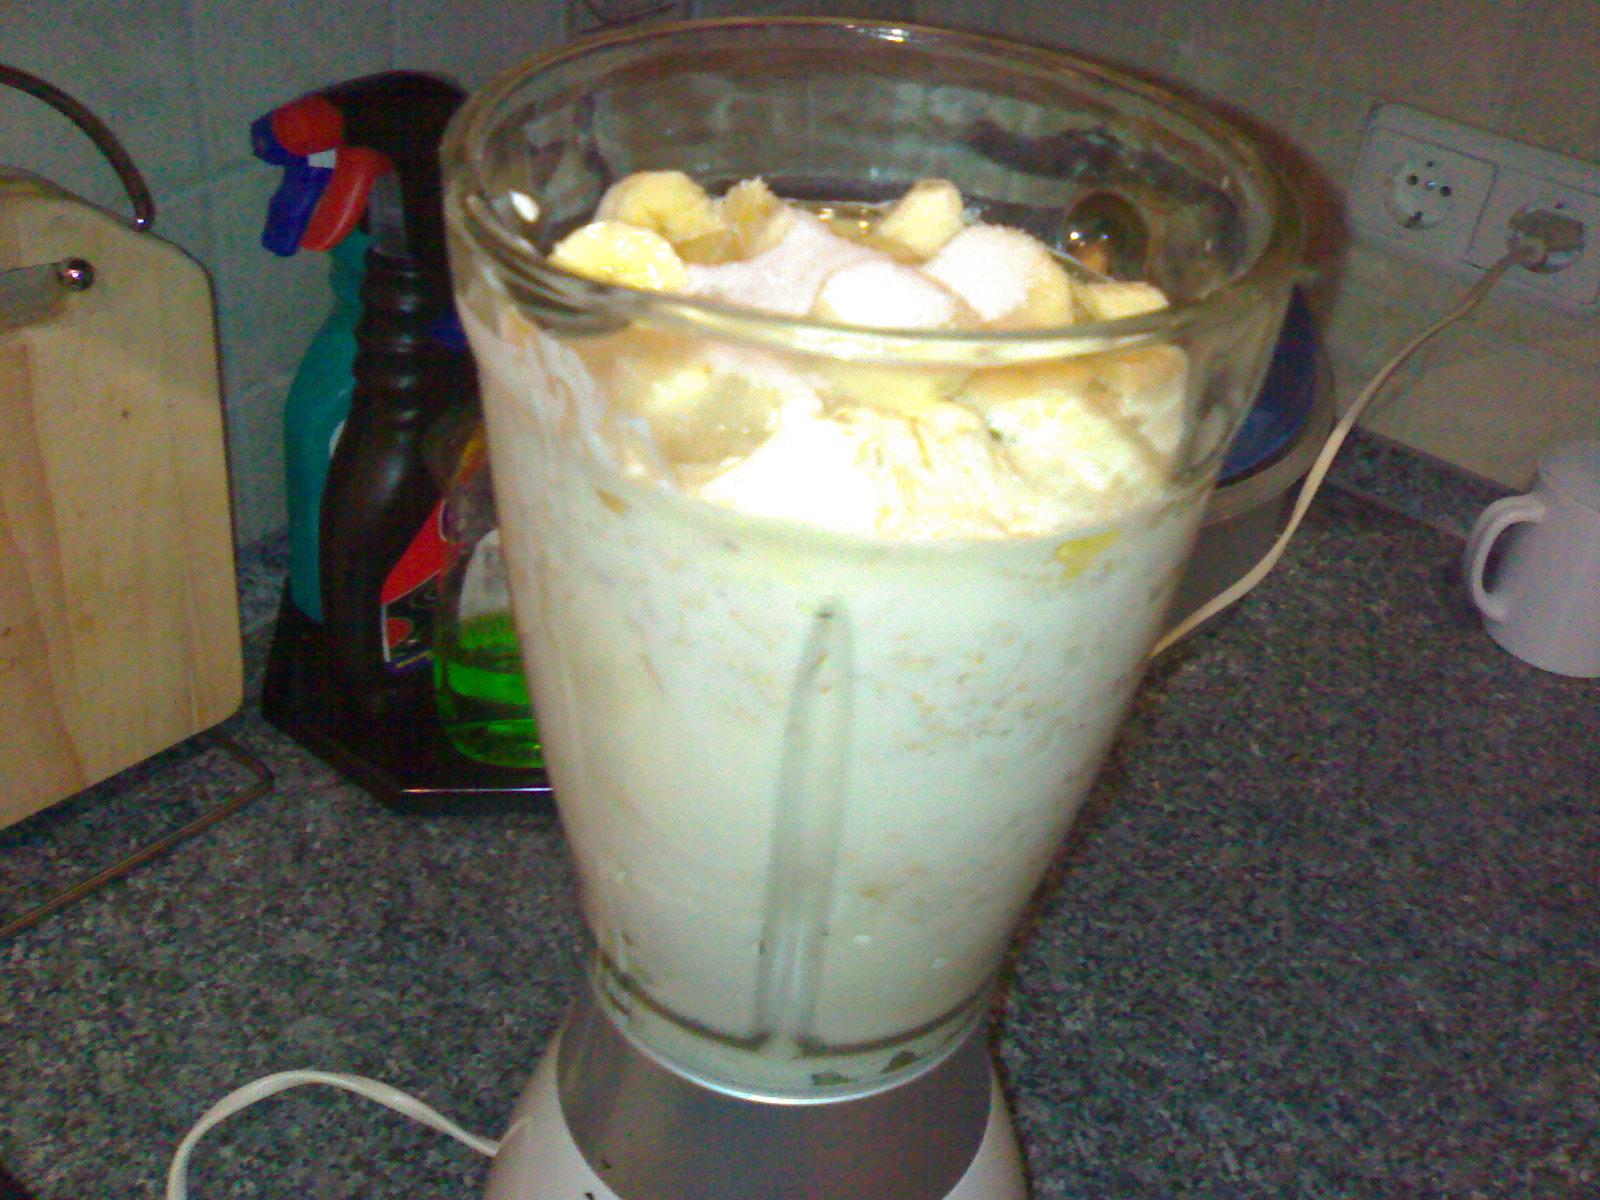 http://foodloader.net/saiken_2007-11-16_Todesshake.jpg